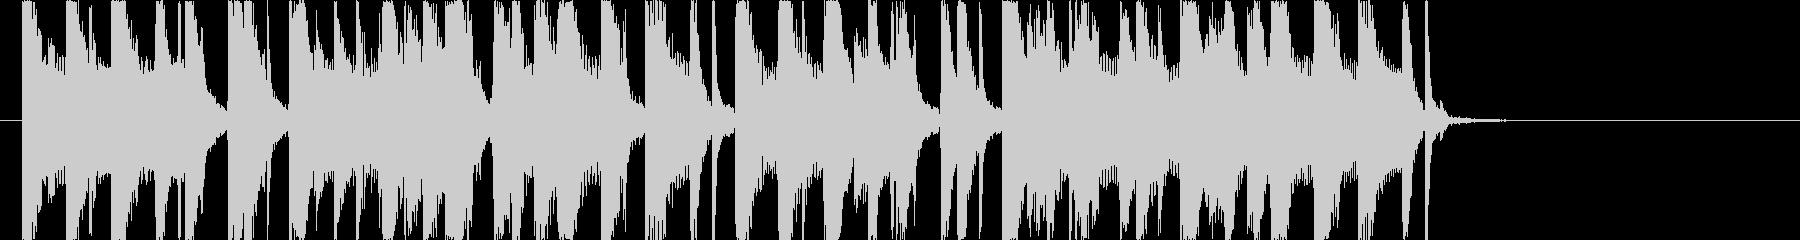 オシャレで切ないレゲエジングルの未再生の波形